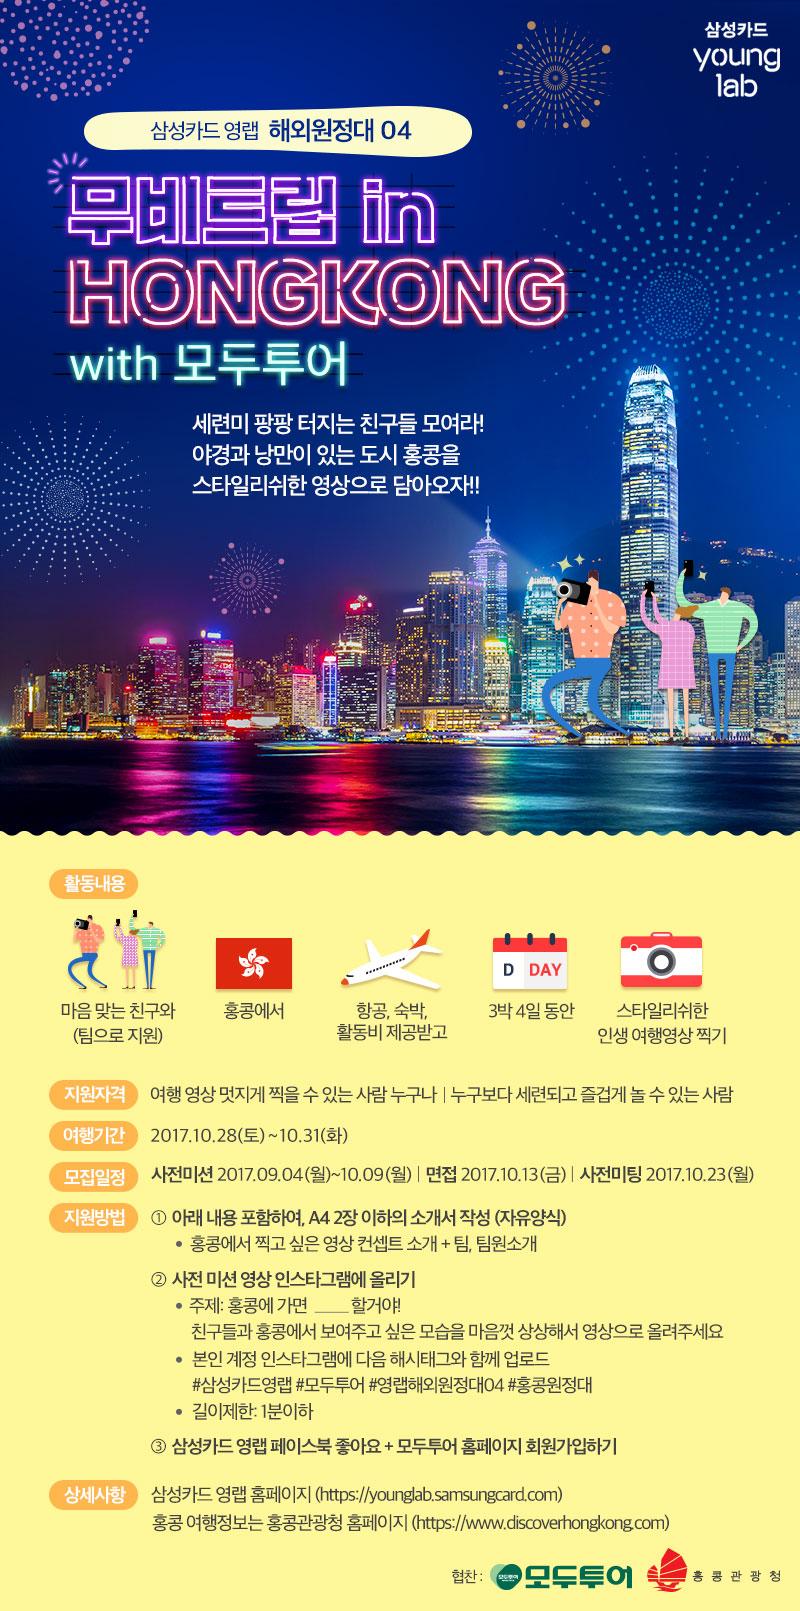 삼성카드 영랩 해외원정대 04 - 홍콩 원정대